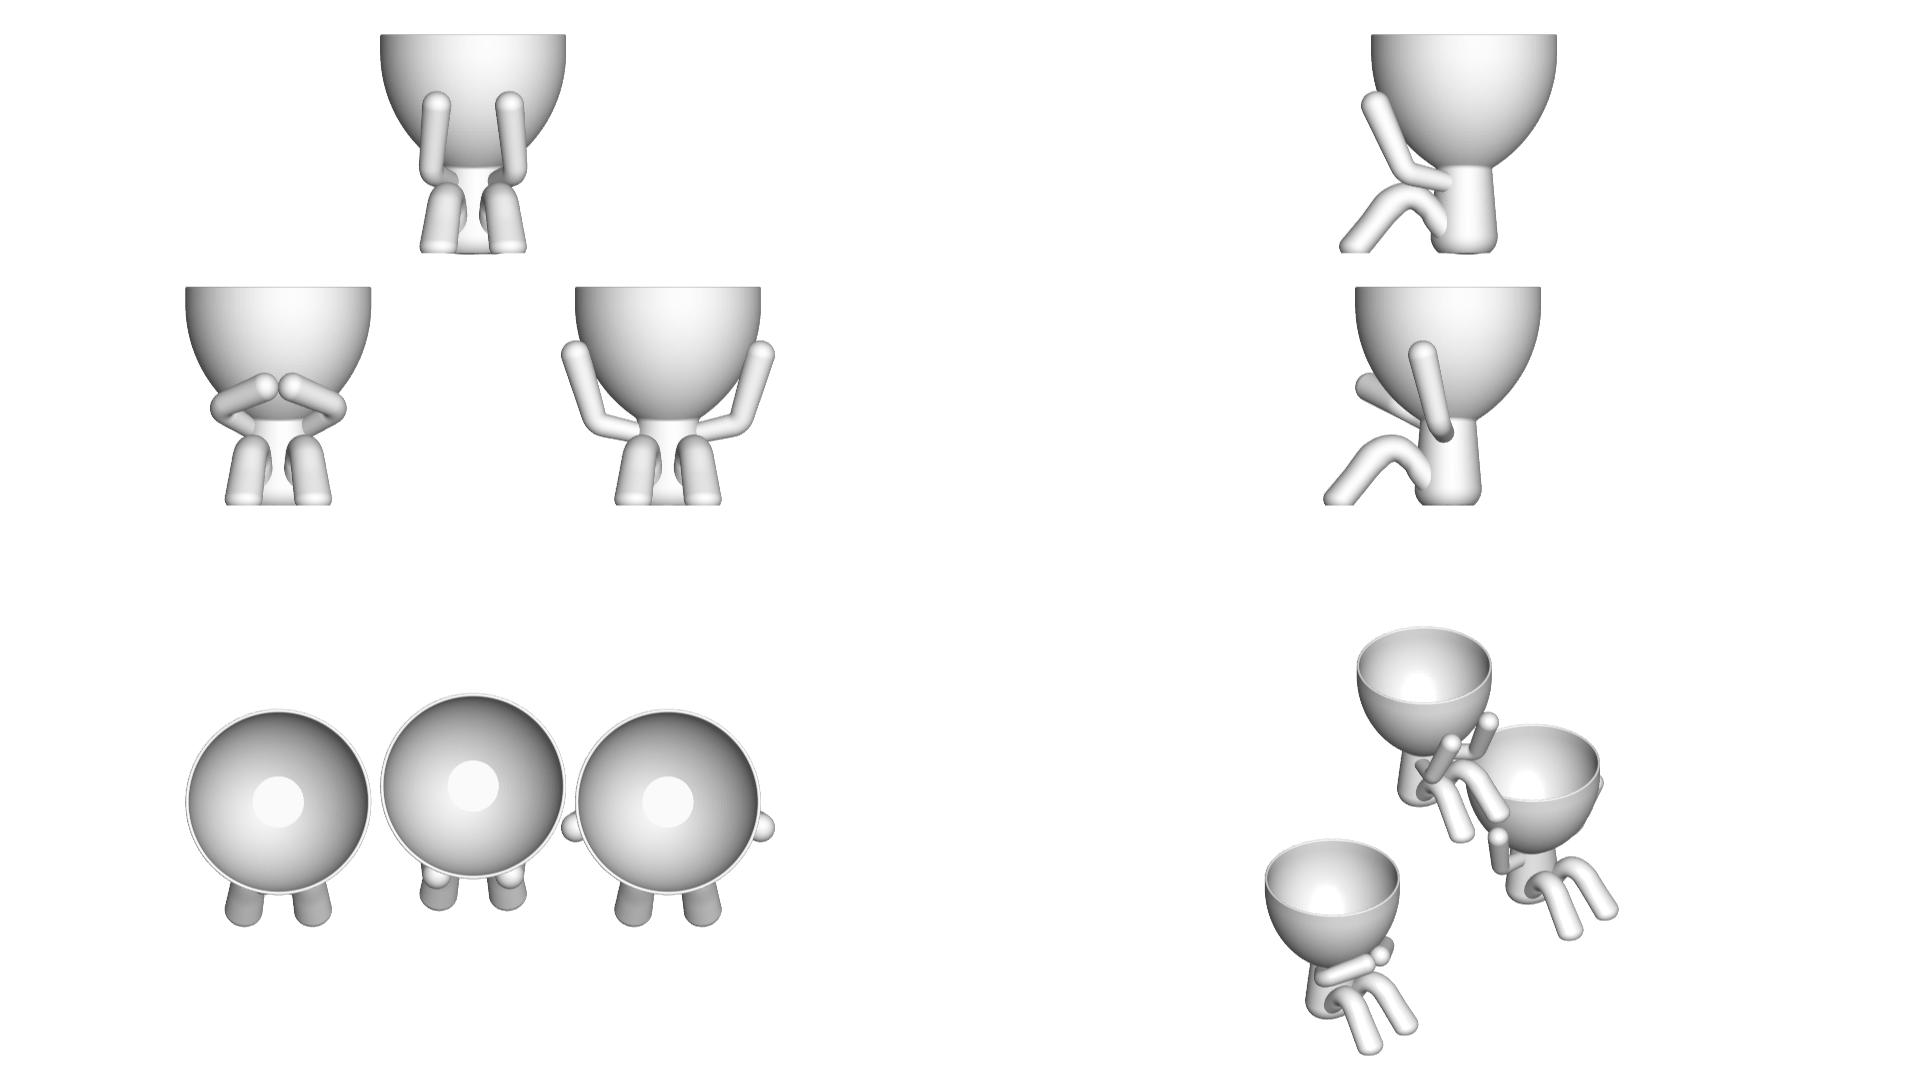 los 3 sabios_blancos_2.png Télécharger fichier STL gratuit Les 3 pots verres Robert Sabios Ne lit pas, n'écoute pas, ne voit pas - Les 3 pots verres Robert Sabios Ne lit pas, n'écoute pas, ne voit pas • Objet à imprimer en 3D, CREATIONSISHI